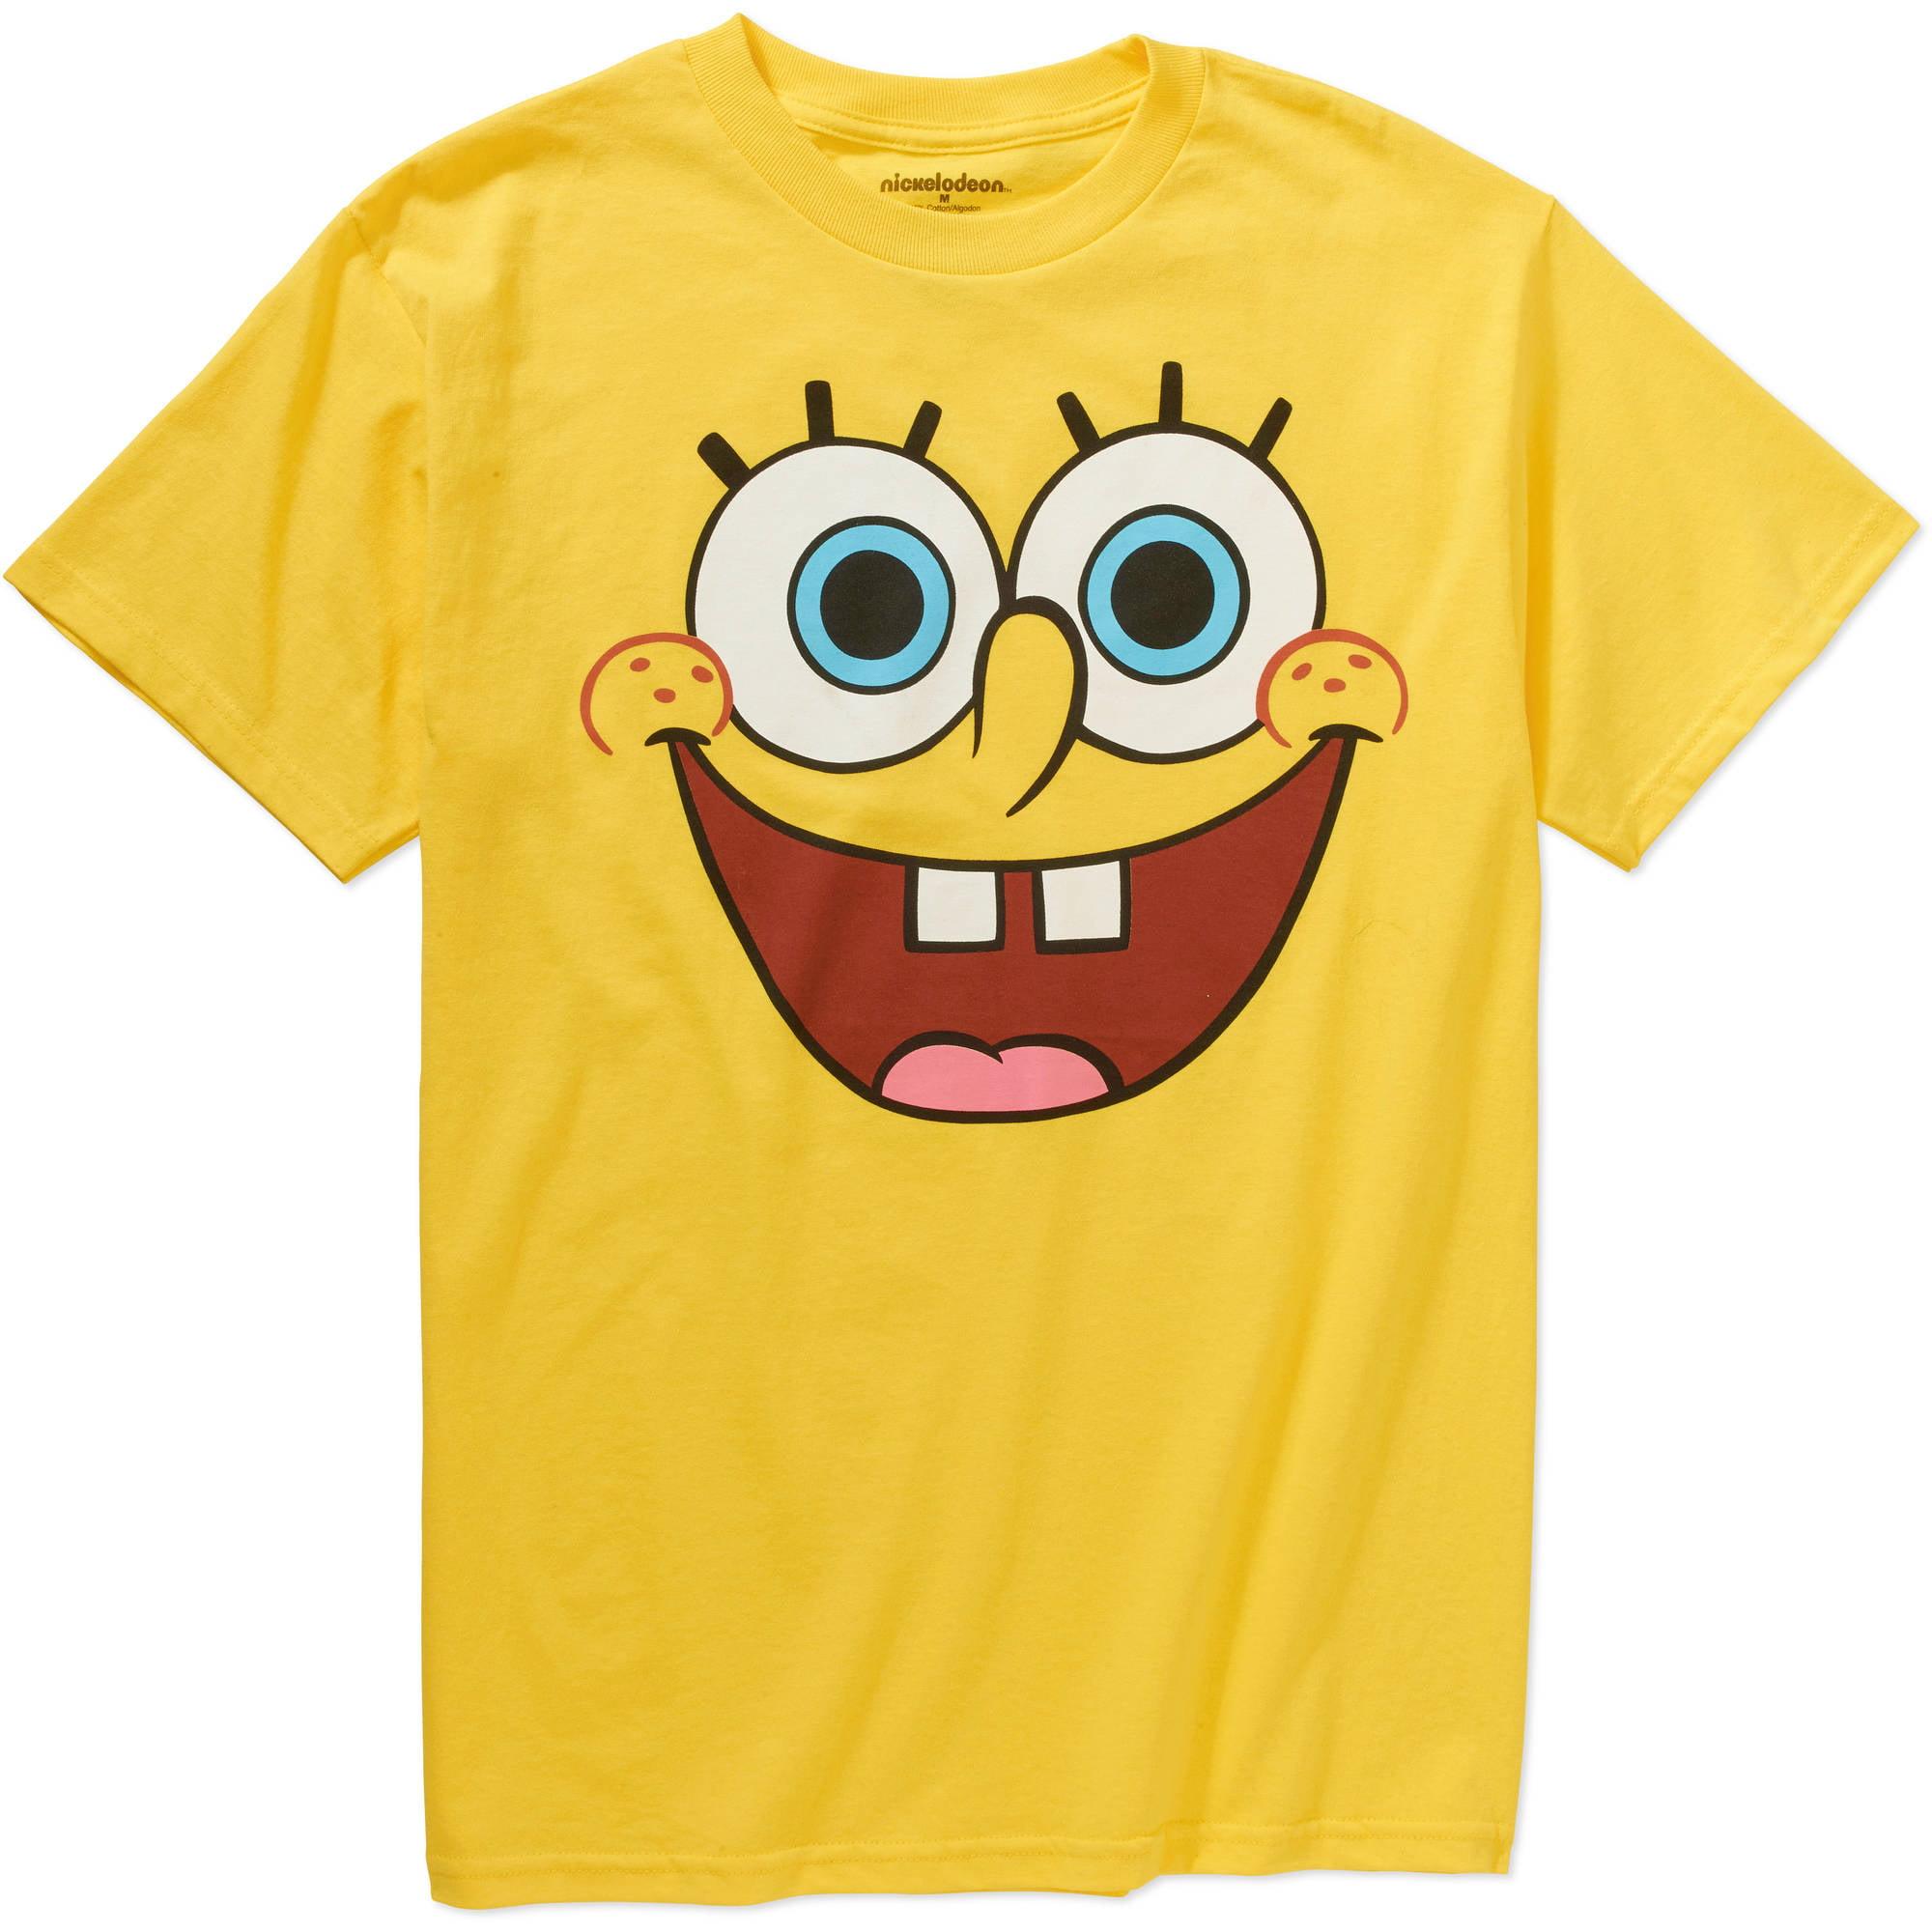 Nickelodeon Spongebob Face Men's Graphic Short Sleeve Tee